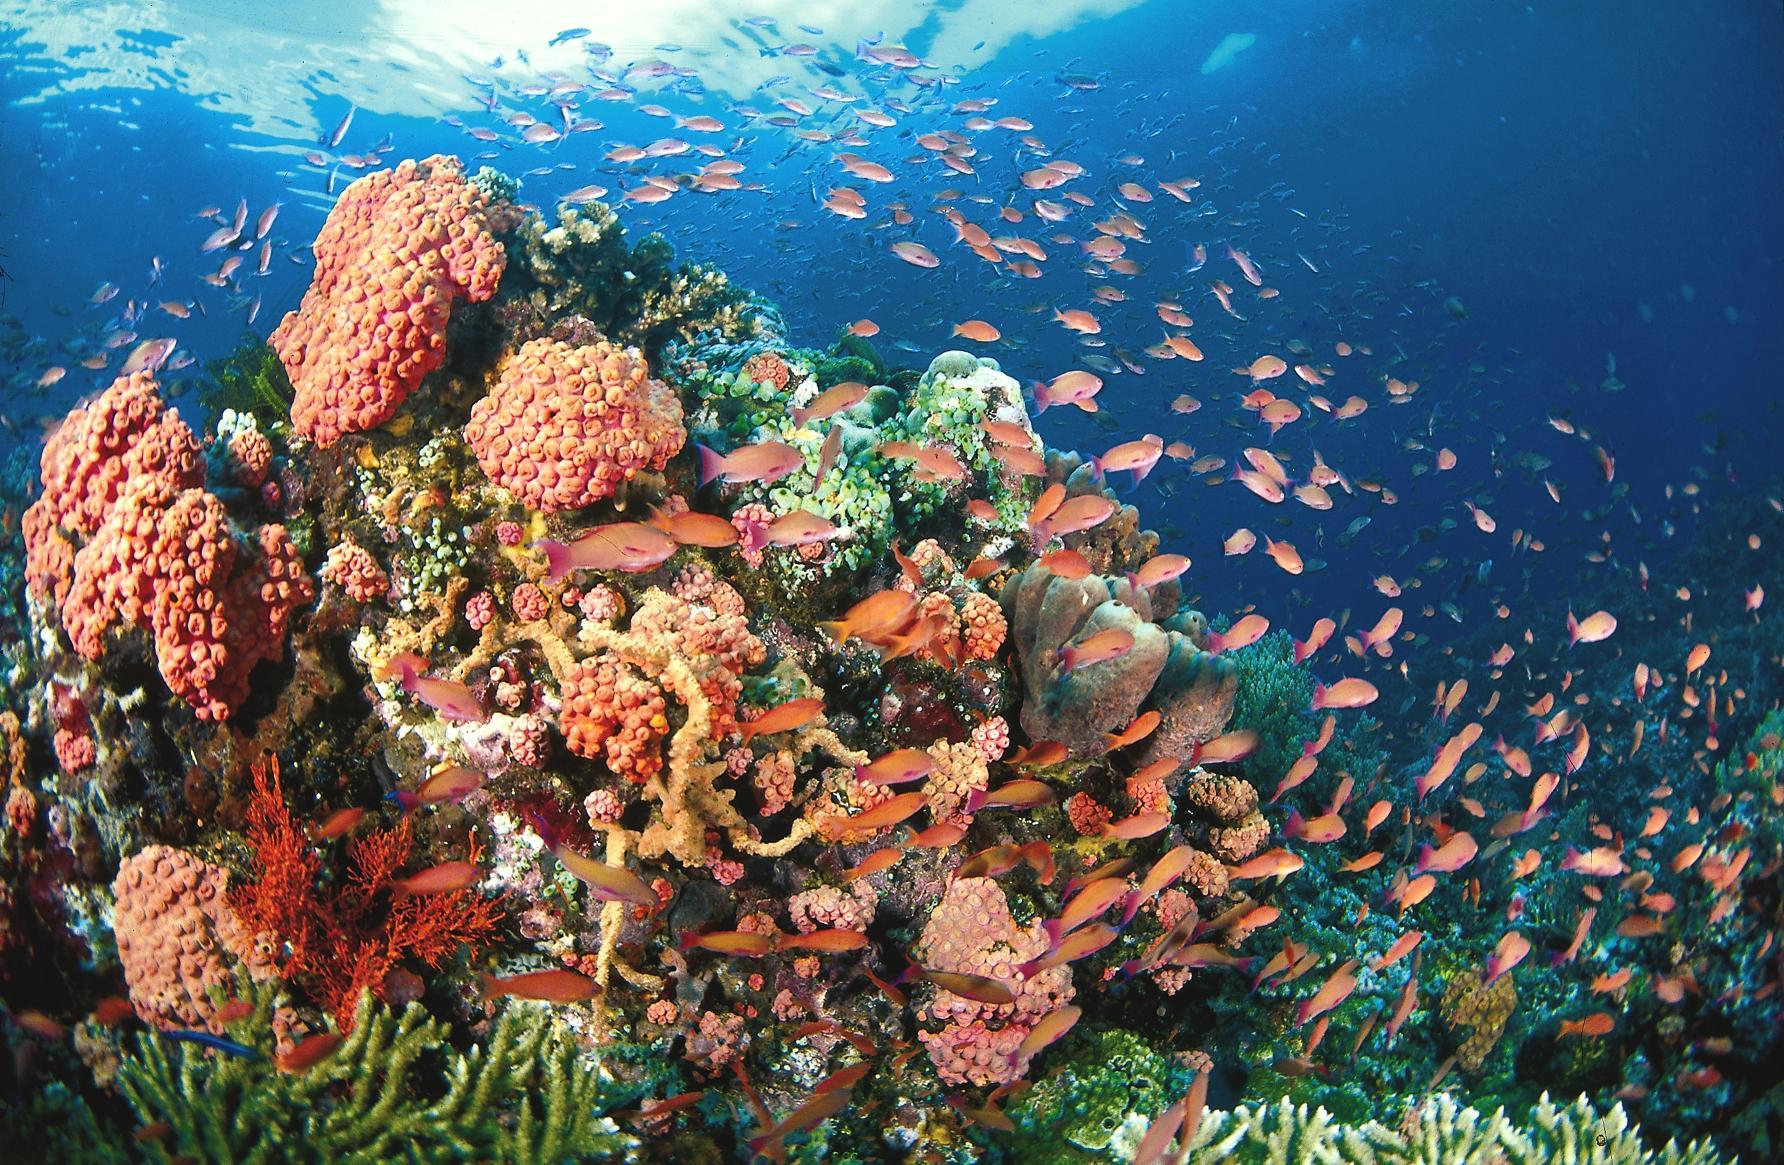 موجة انقراض لا مثيل لها في السابق تهدد الأنواع البحرية